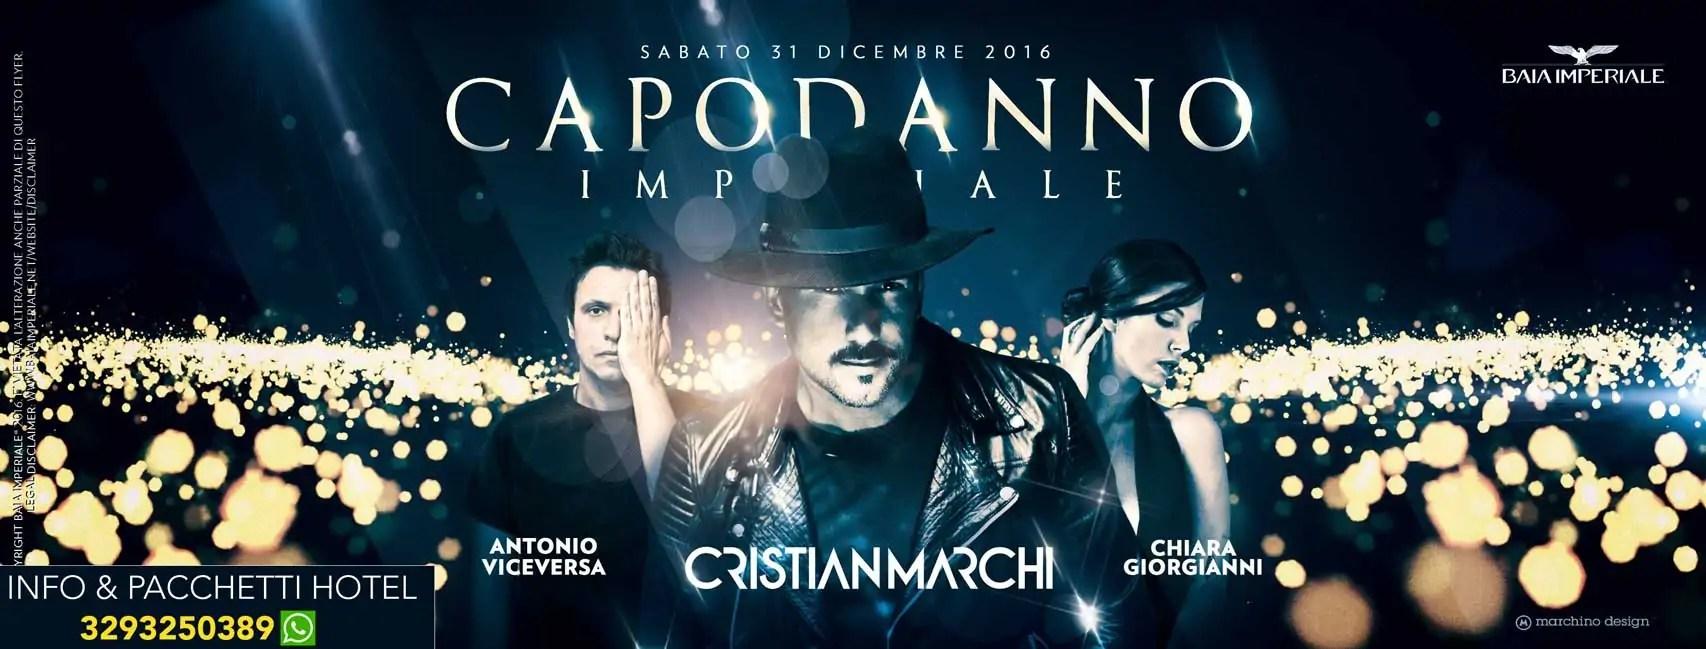 CAPODANNO 2017 BAIA IMPERIALE CRISTIAN MARCHI 31/12/2016 PREZZI PREVENDITE TAVOLI PACCHETTI HOTEL